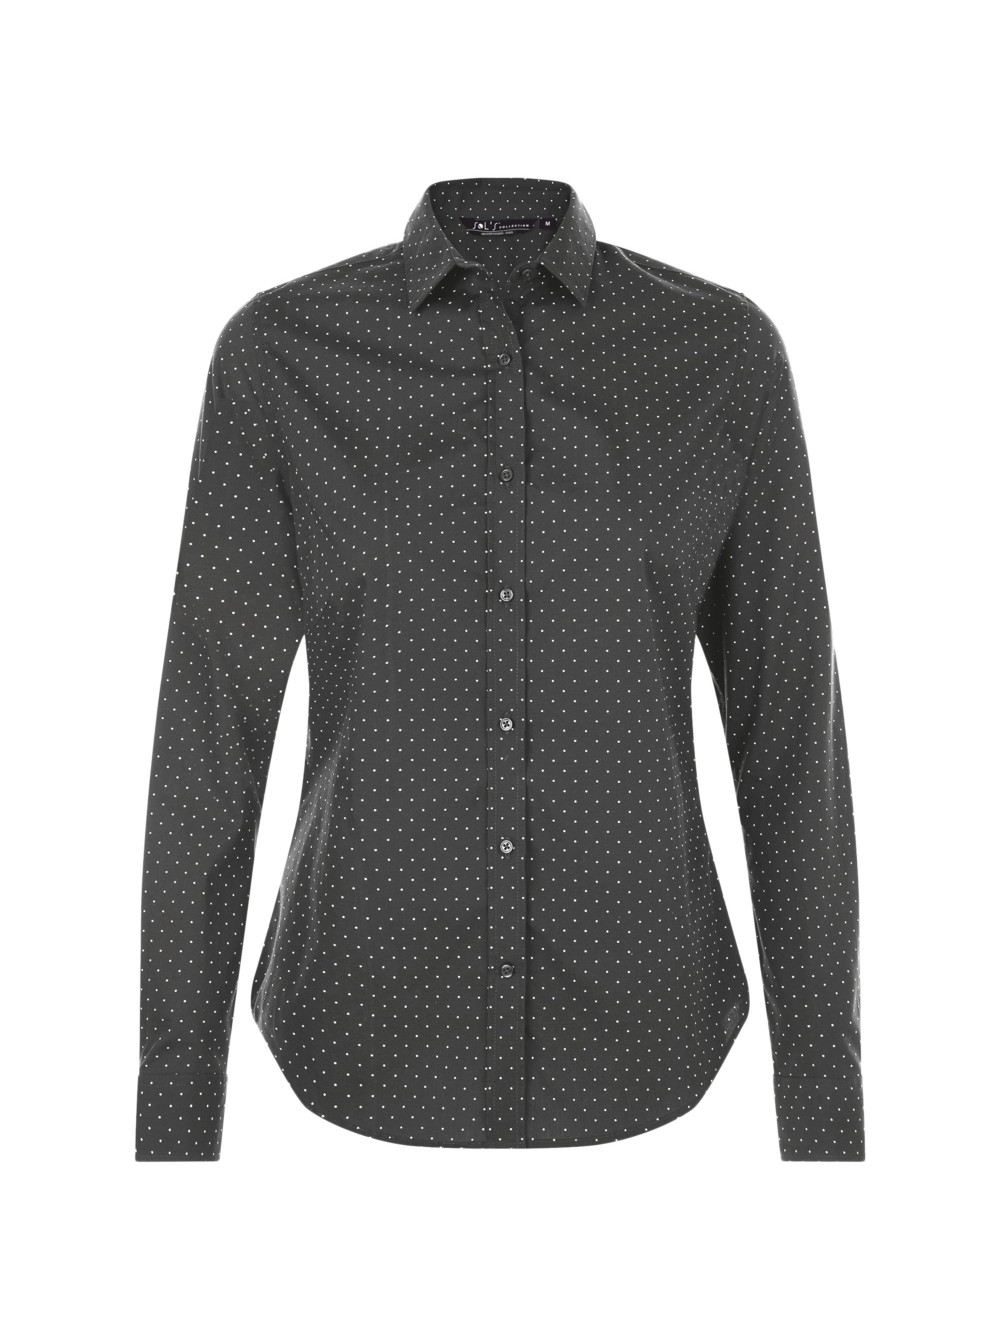 700b6b525d7f Рубашка женская BECKER WOMEN, темно-серая с белым оптом